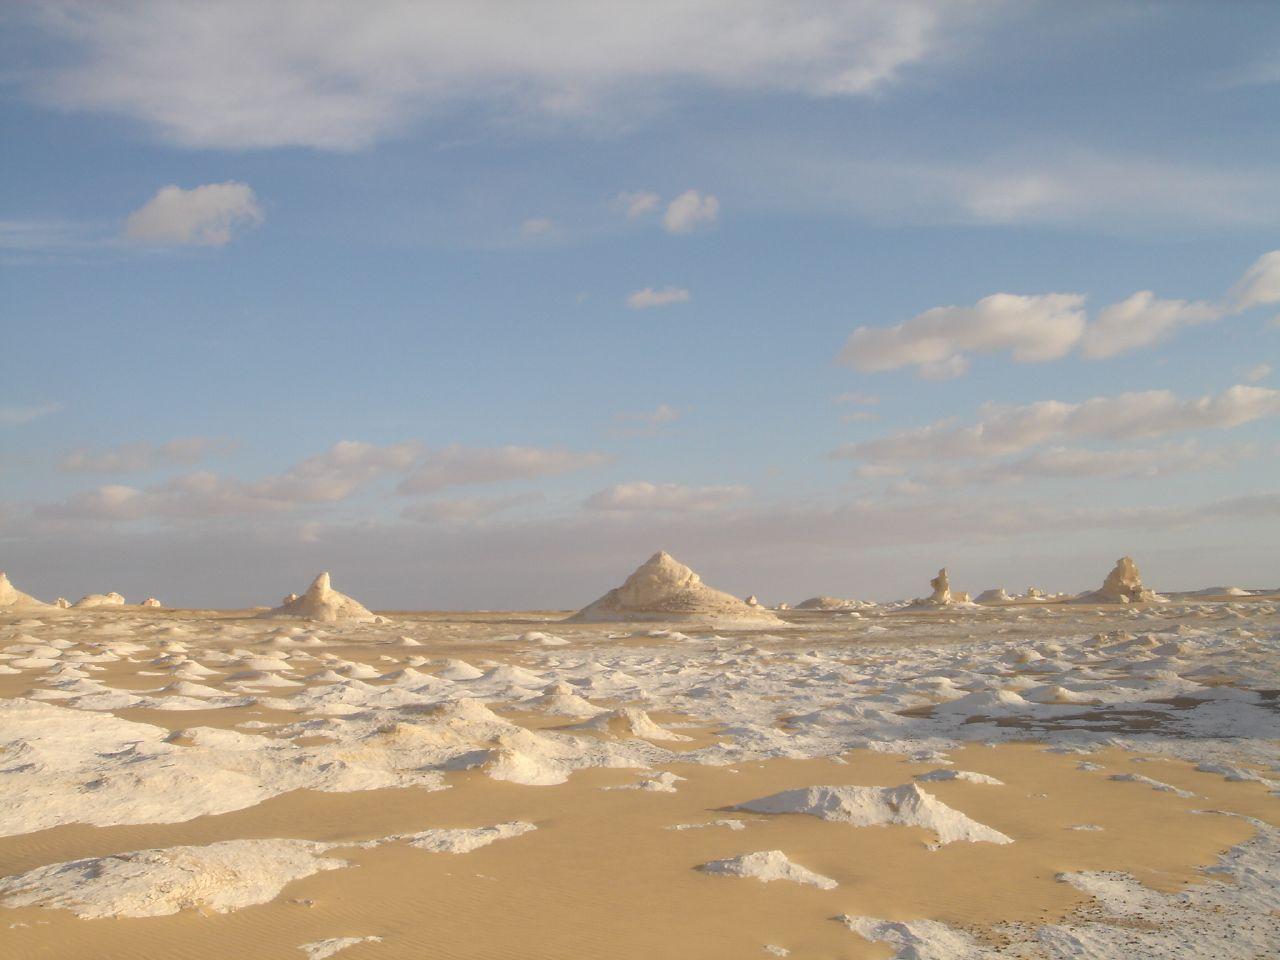 白砂漠と空の風景